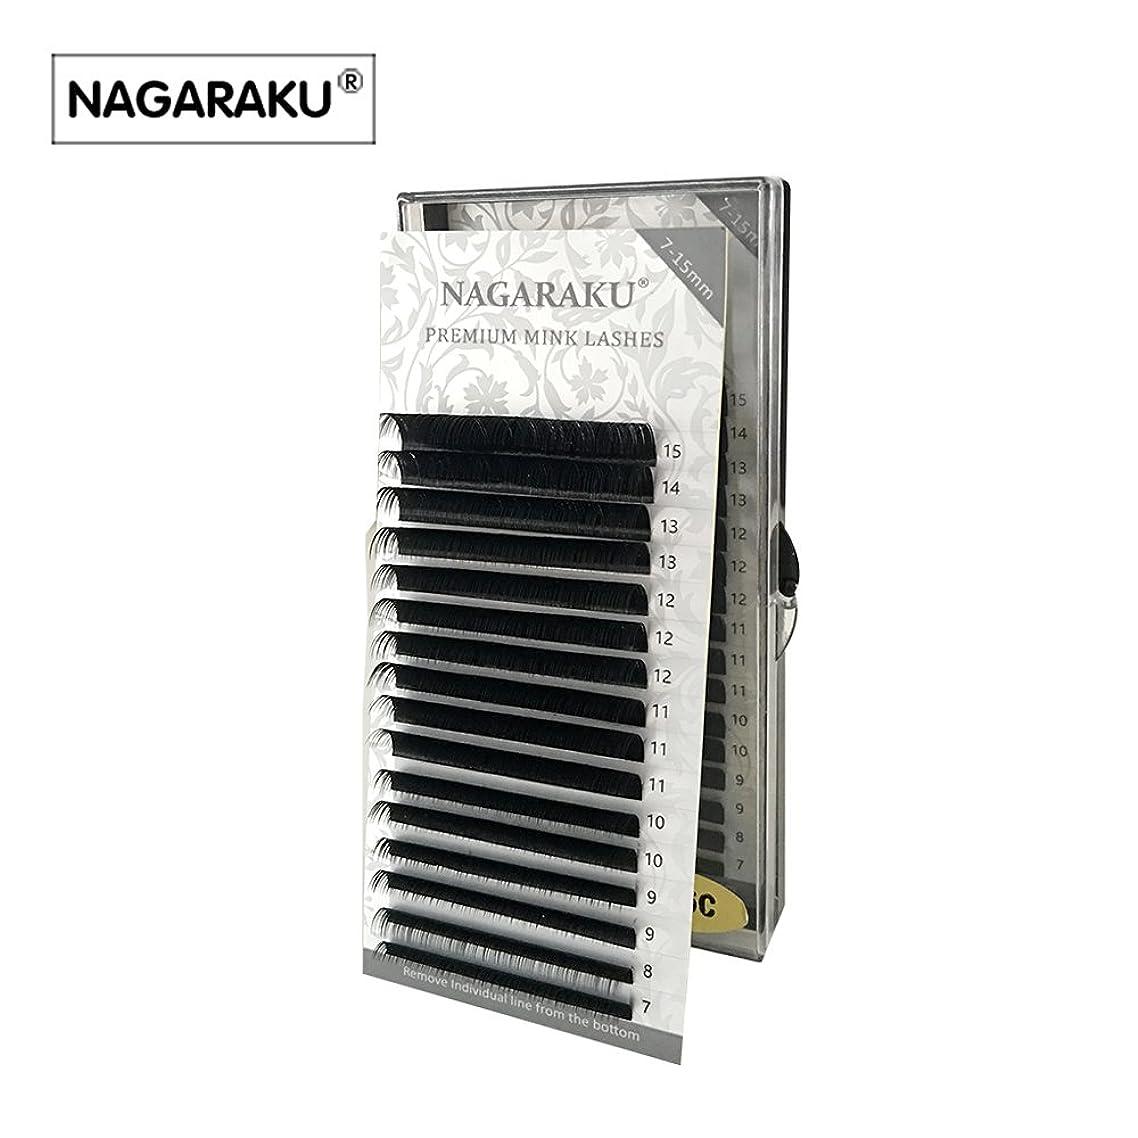 ハウス実際阻害するNAGARAKU 太さ0.15mm Jカール 7~15mmミックス まつ毛エクステンション